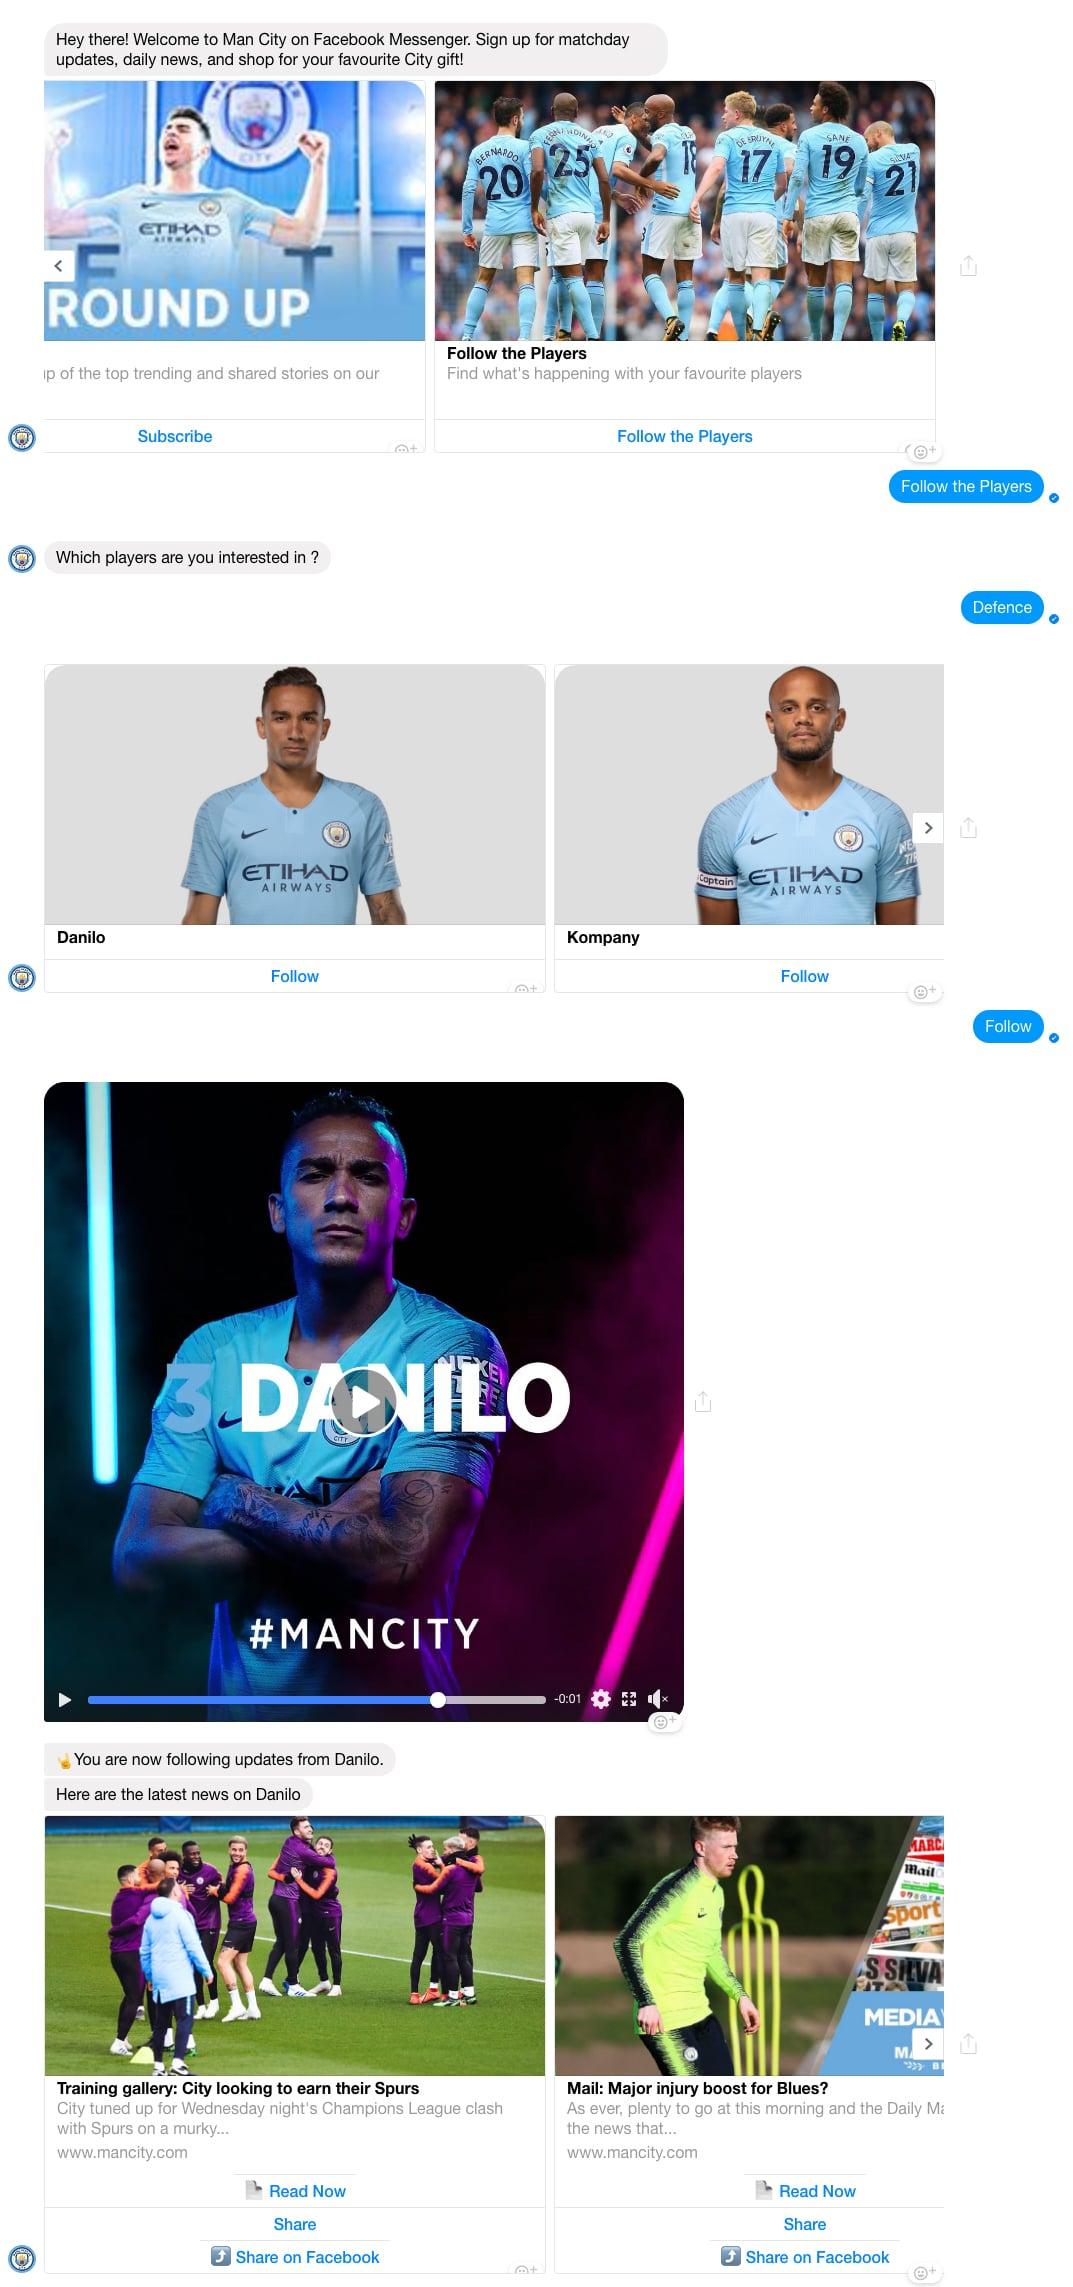 Facebook Messenger Bot: Manchester City